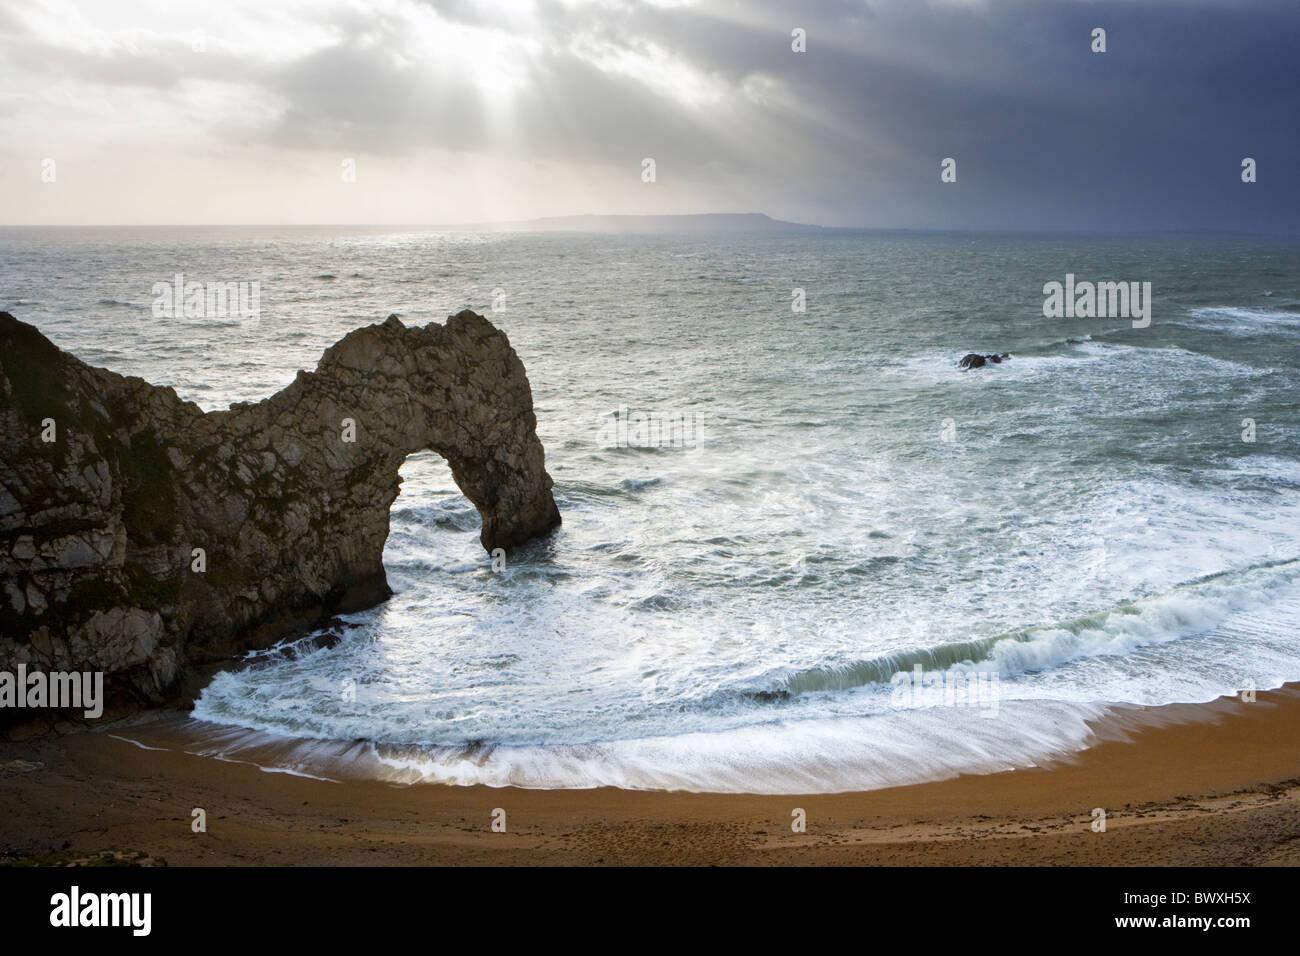 Durdle Door, Dorset, UK - Stock Image